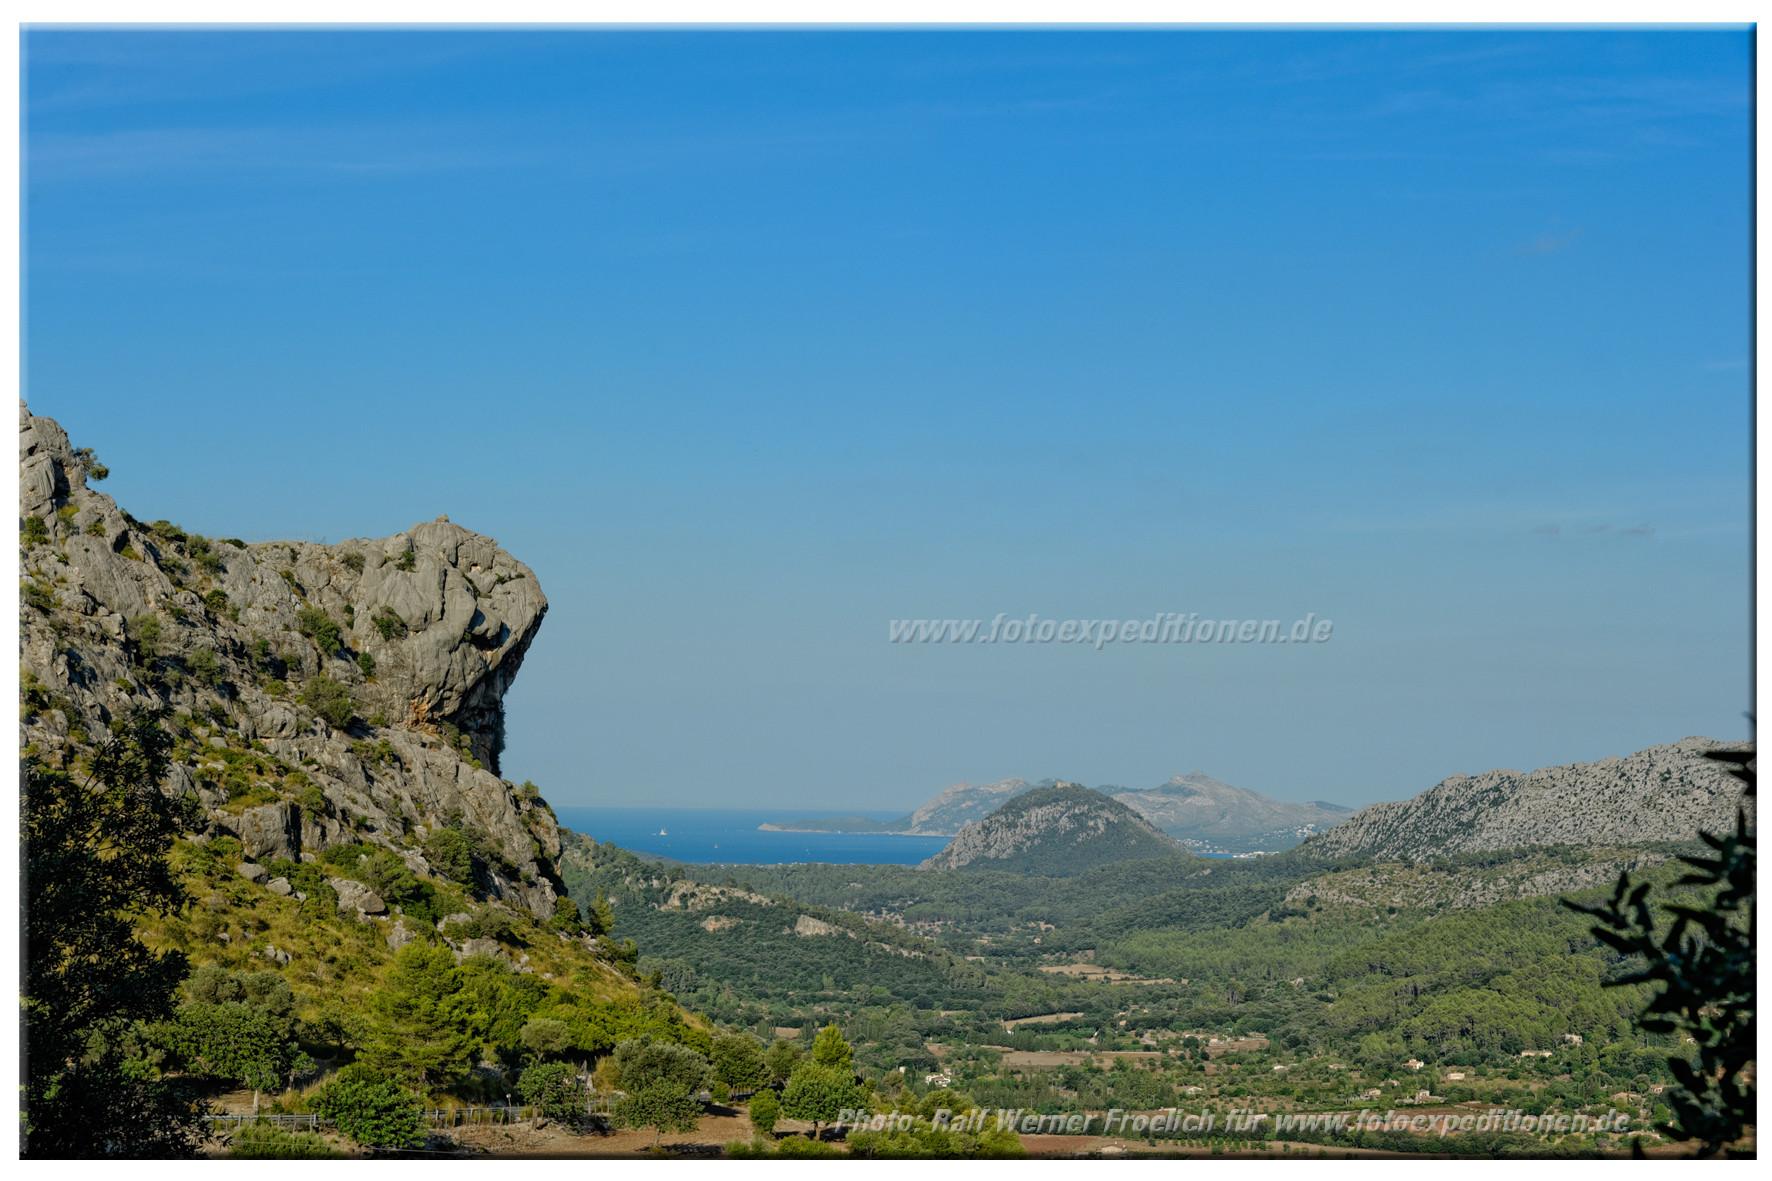 Blick auf die Bucht von Pollenca, Mallorca